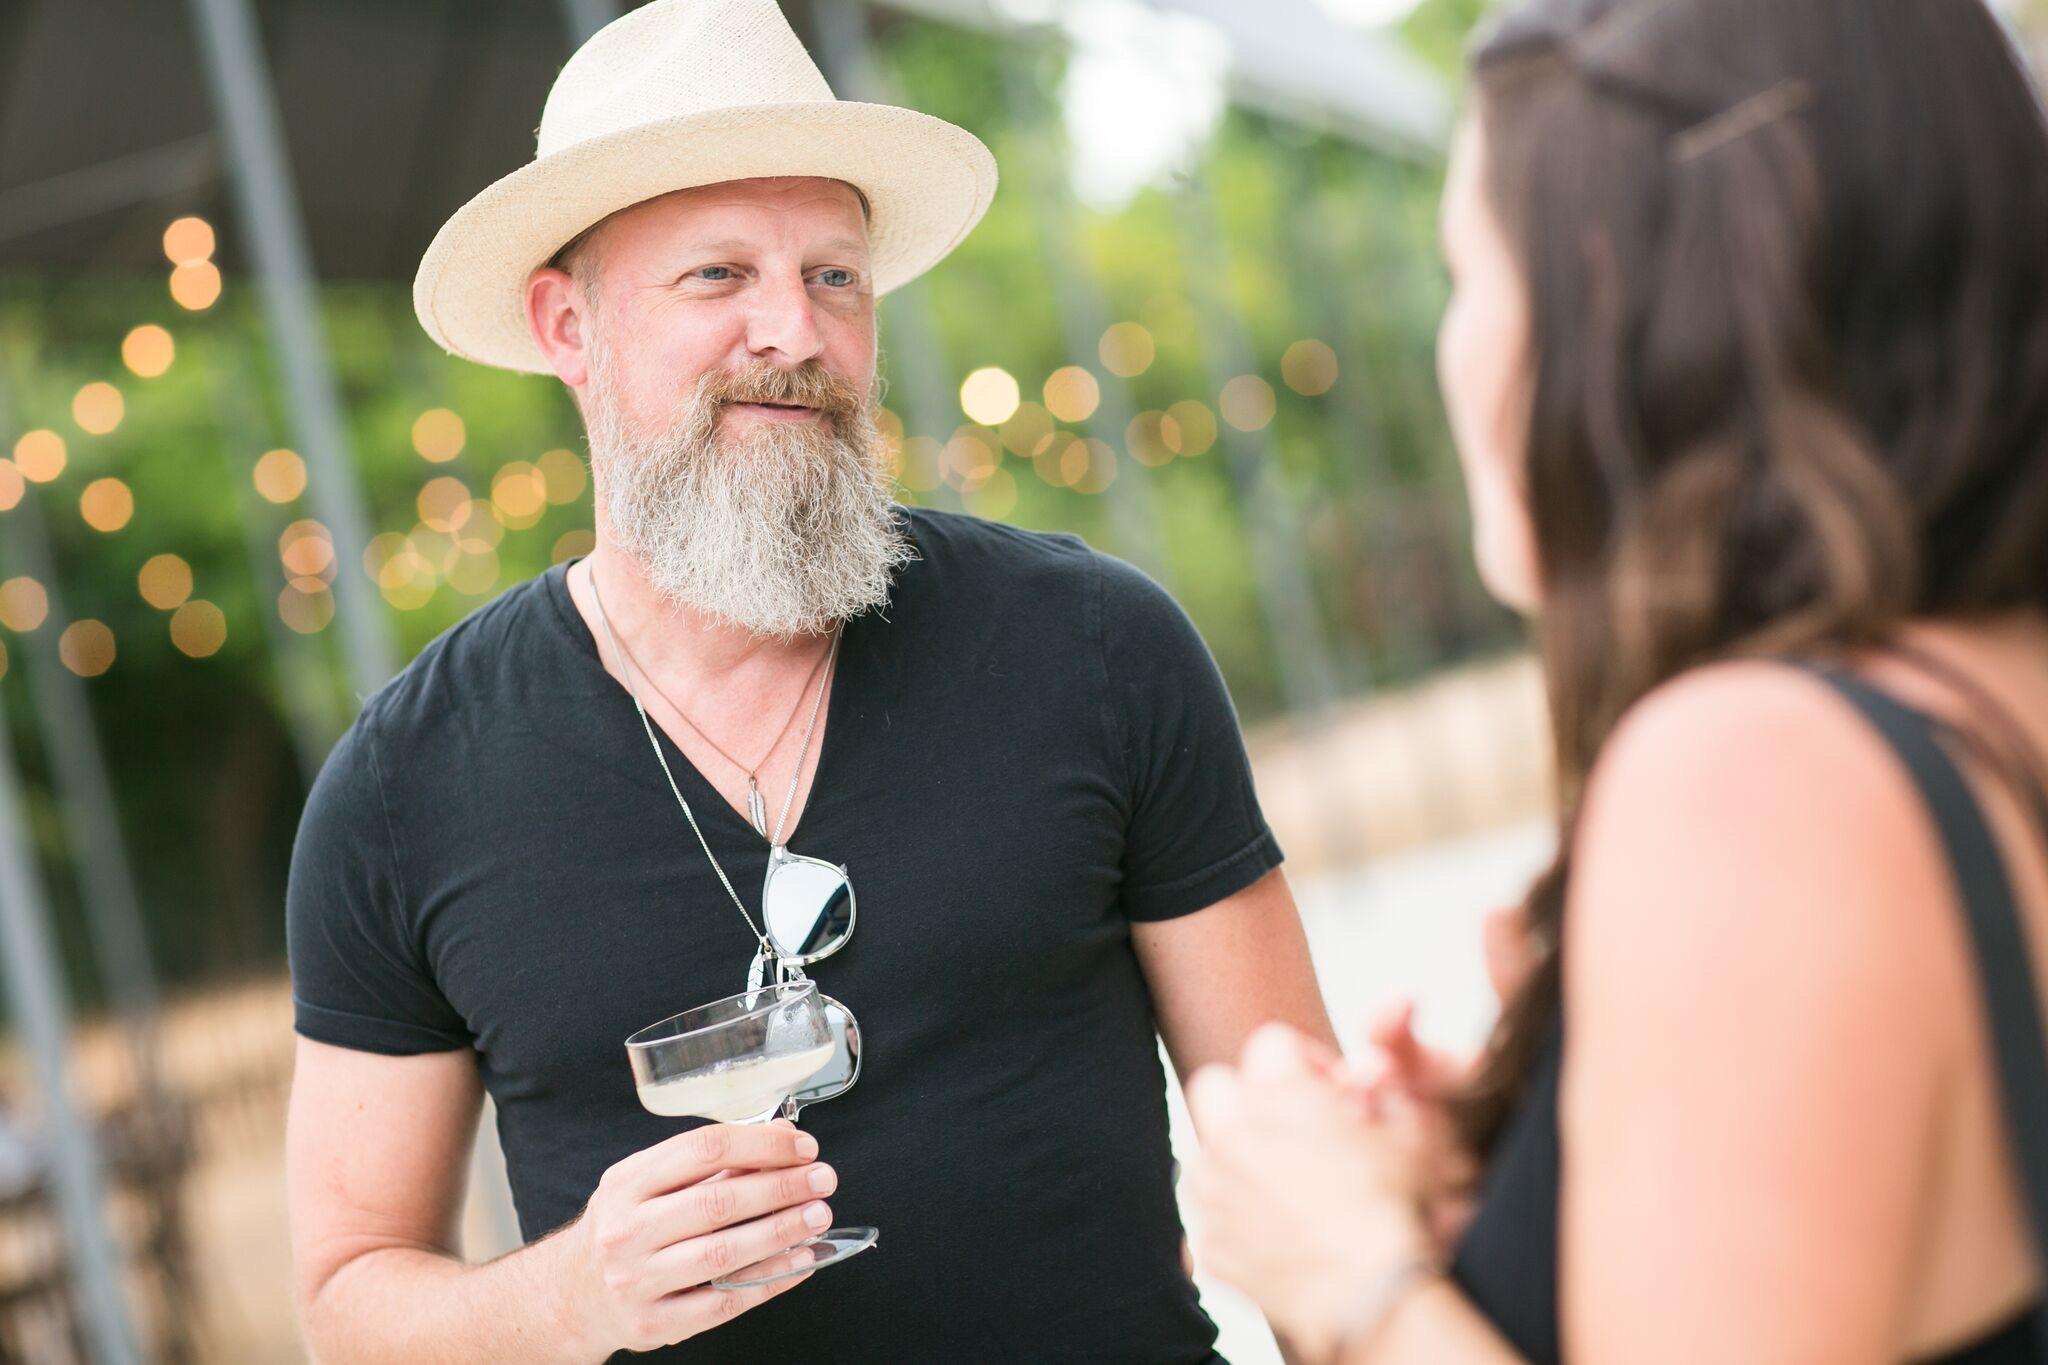 Drink Slingers Austin Event Bartenders Image 71